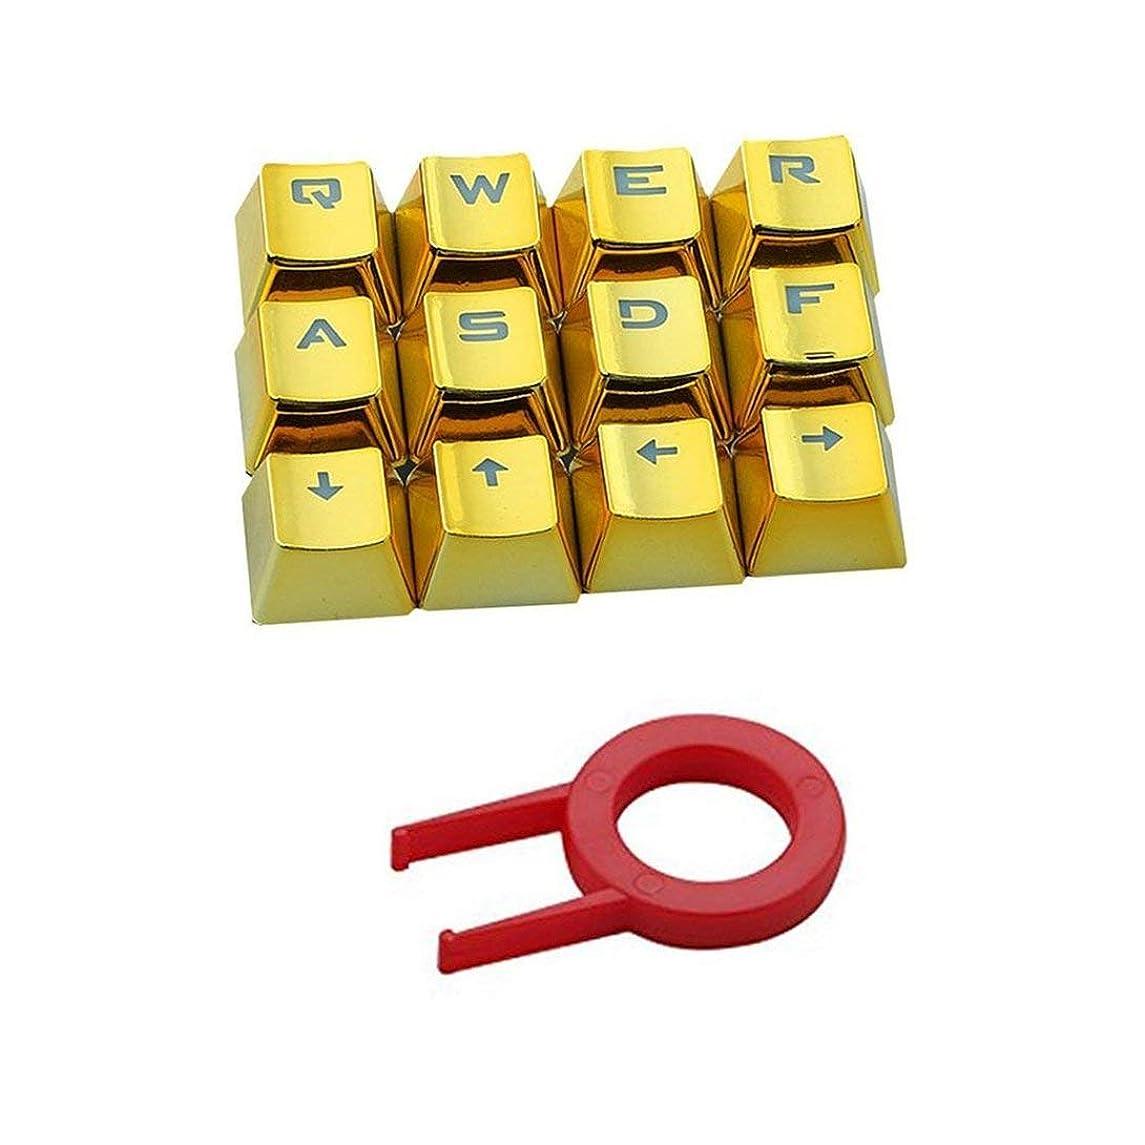 コンチネンタル発音聴覚障害者Swiftgood メカニカルキーボード用キープーラー付き12 Translucidusバックライトキーキャップ耐摩耗性電気めっきキーキャップ